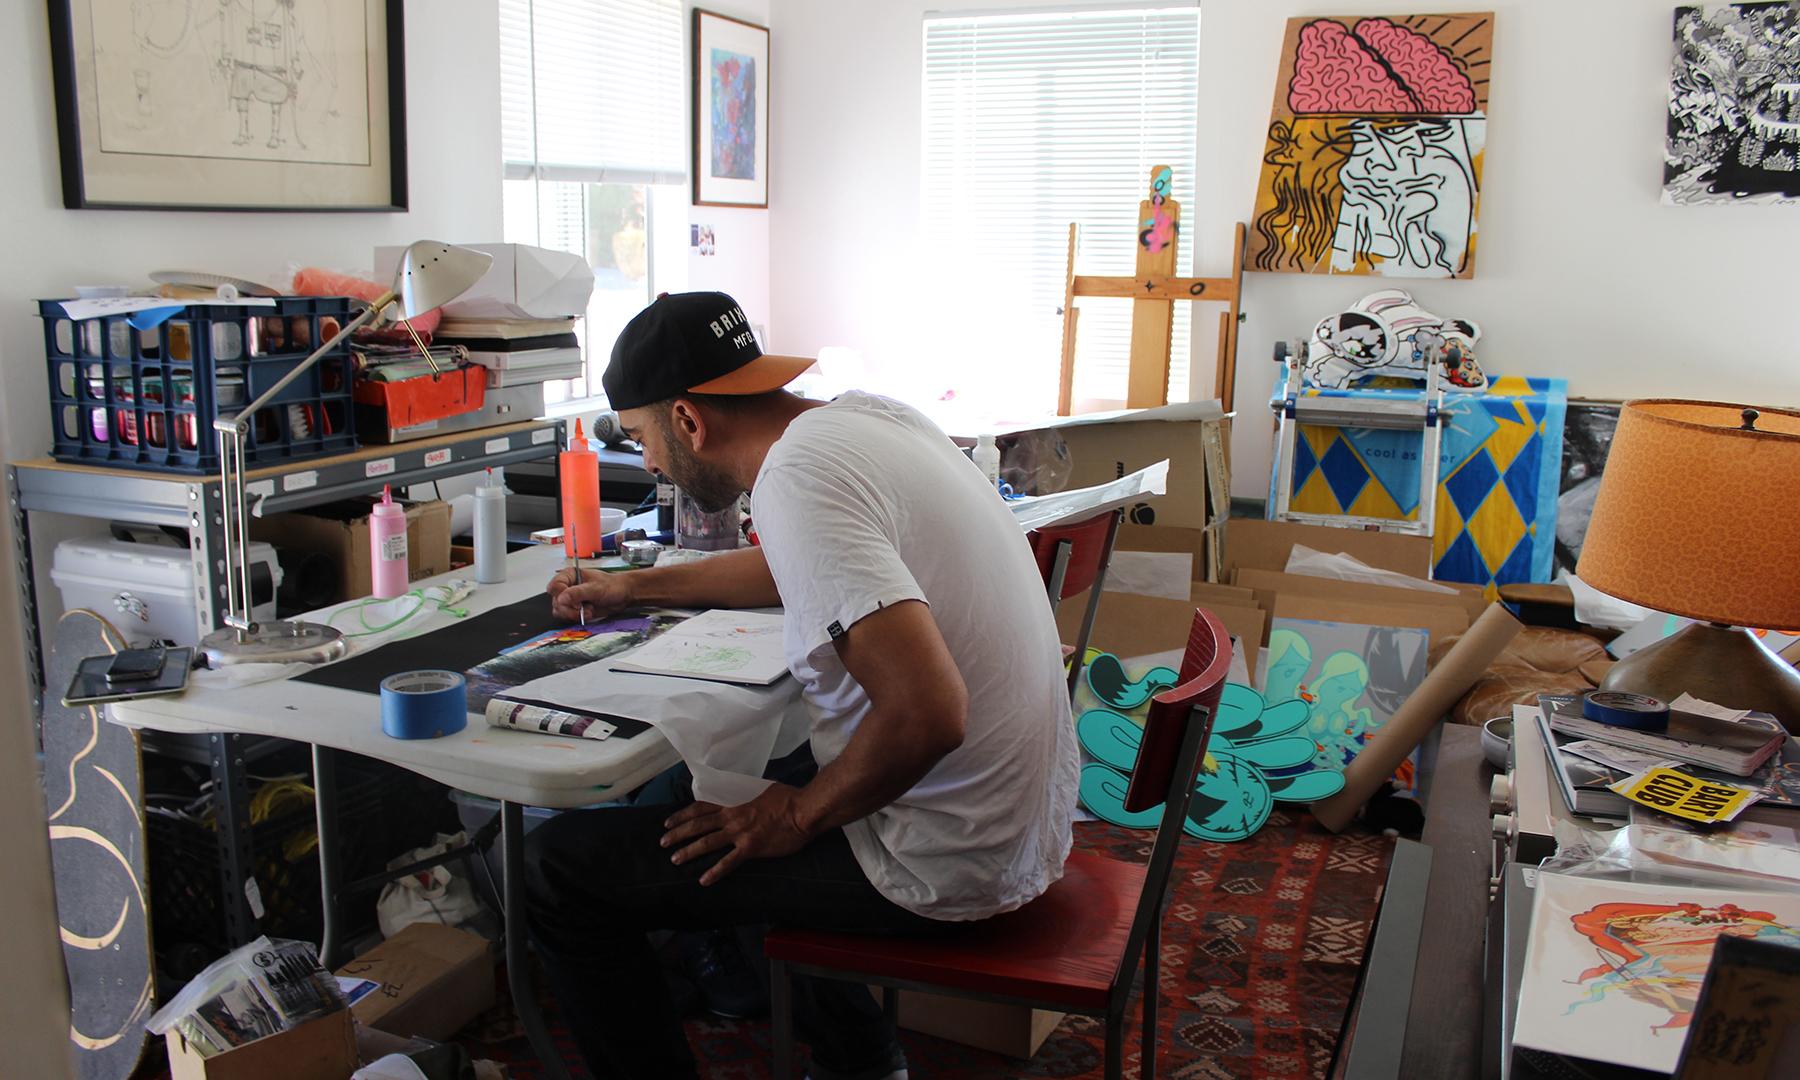 《WET PAINT 油漆未干》潮流艺术巡展上海站即将开启